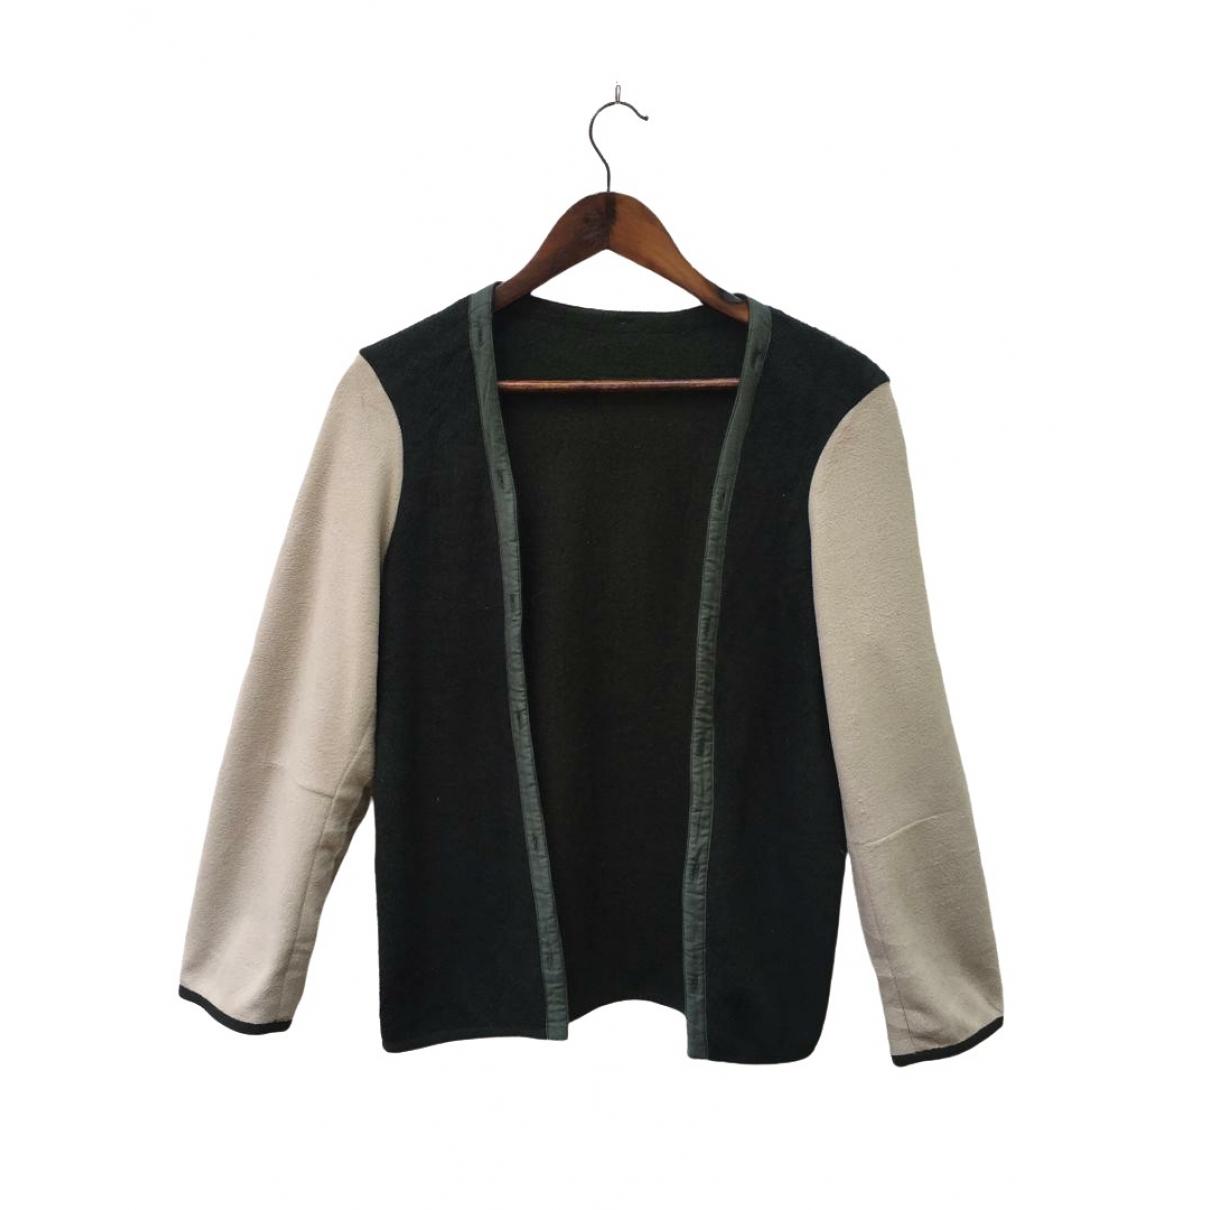 Tsumori Chisato - Vestes.Blousons   pour homme en laine - multicolore